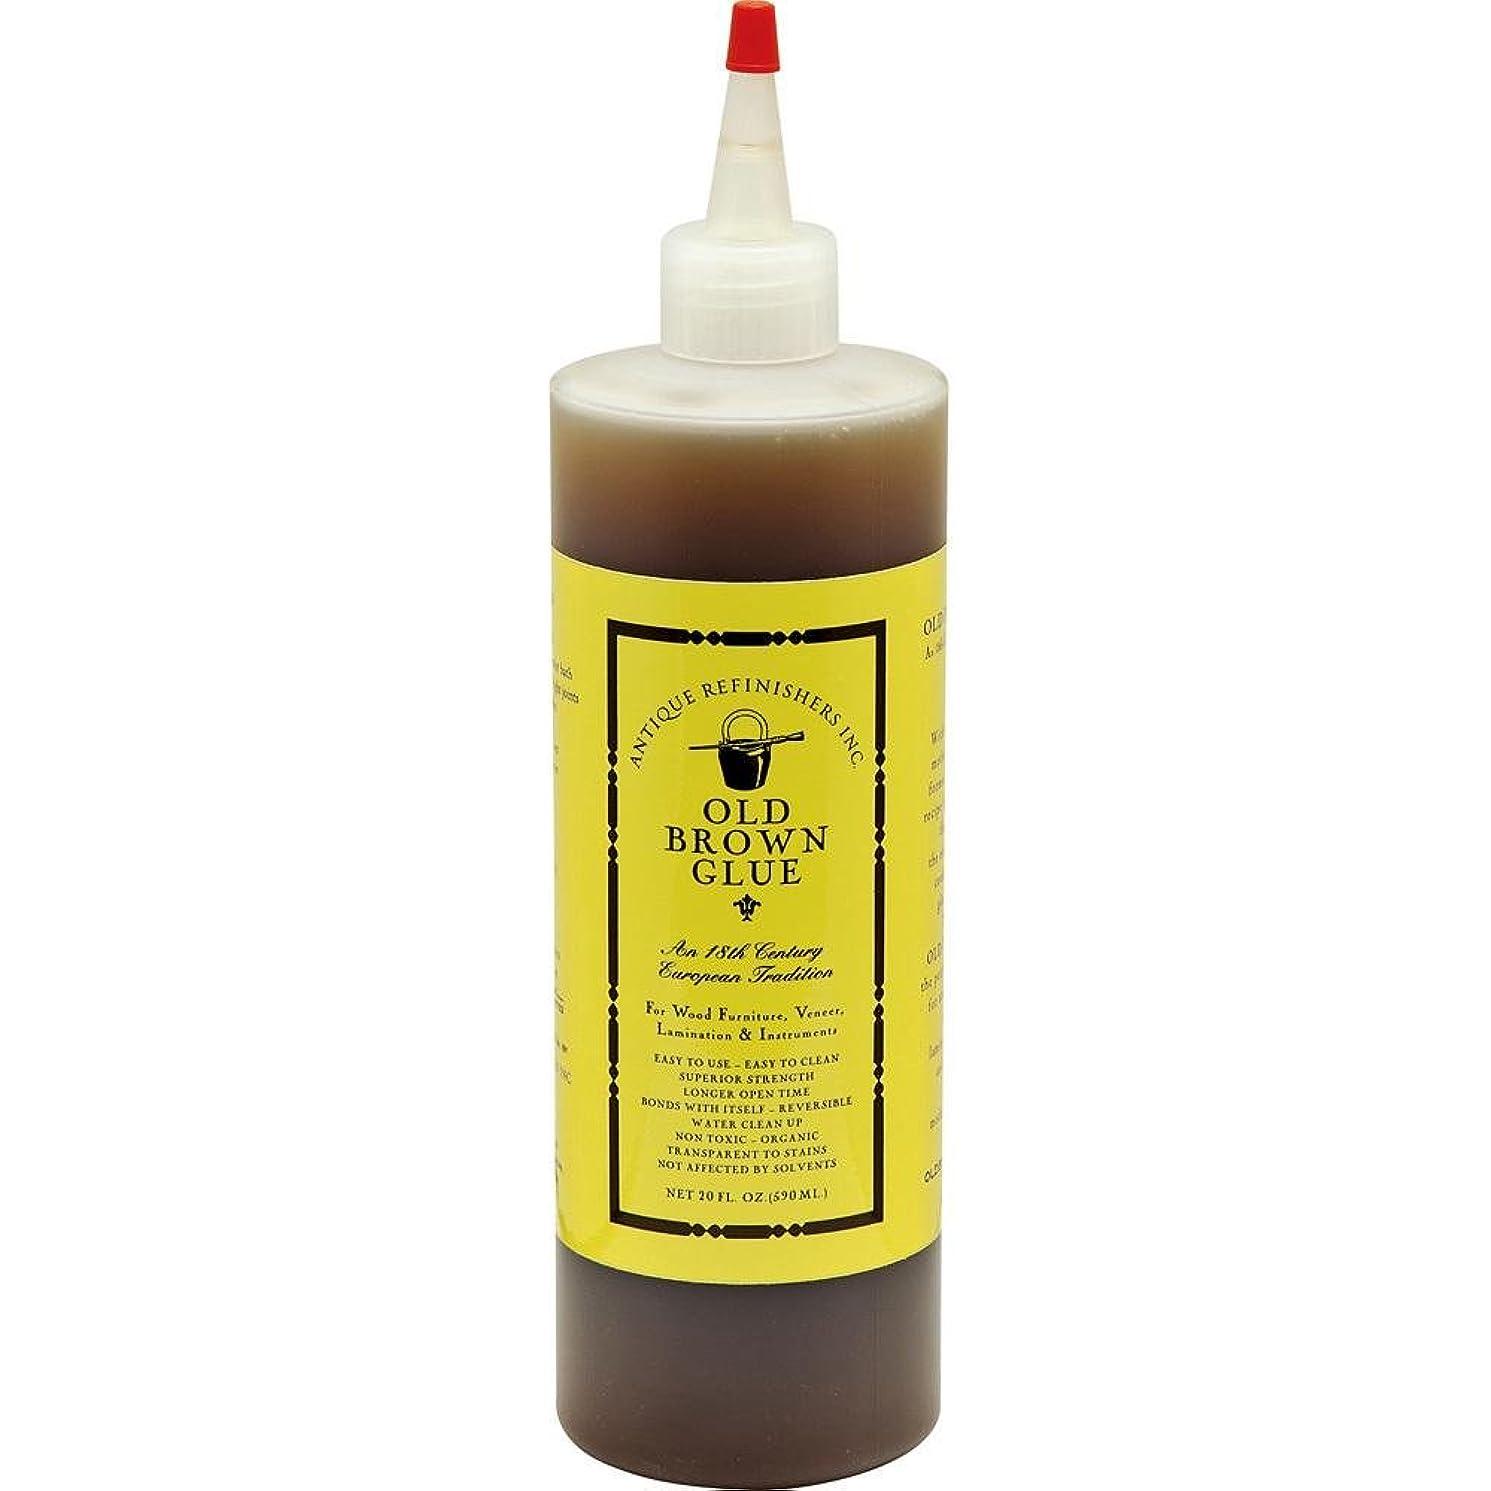 Old Brown Glue, 20 oz.